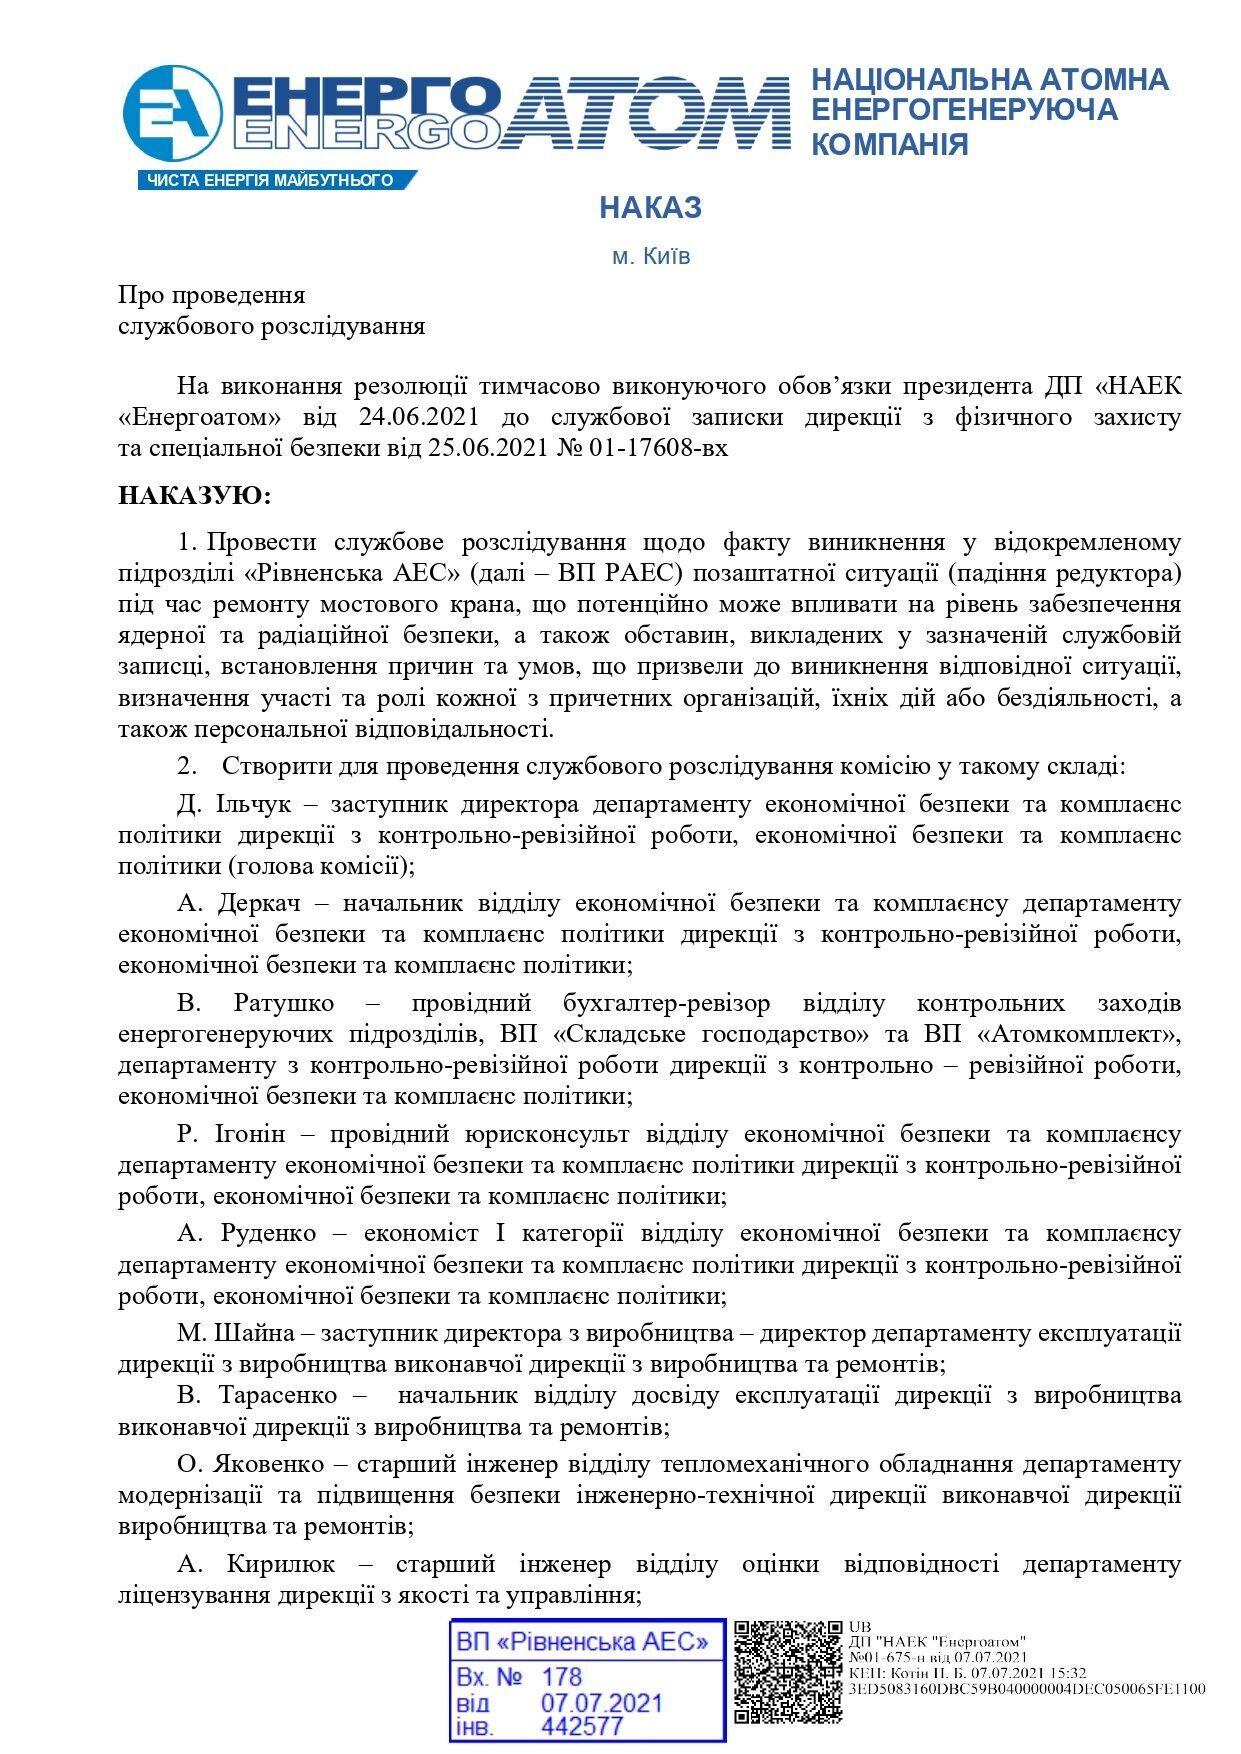 """Чернобыль мог повториться этим летом: что сделал подрядчик """"ЮТЕМ"""" на Ровенской АЭС?"""